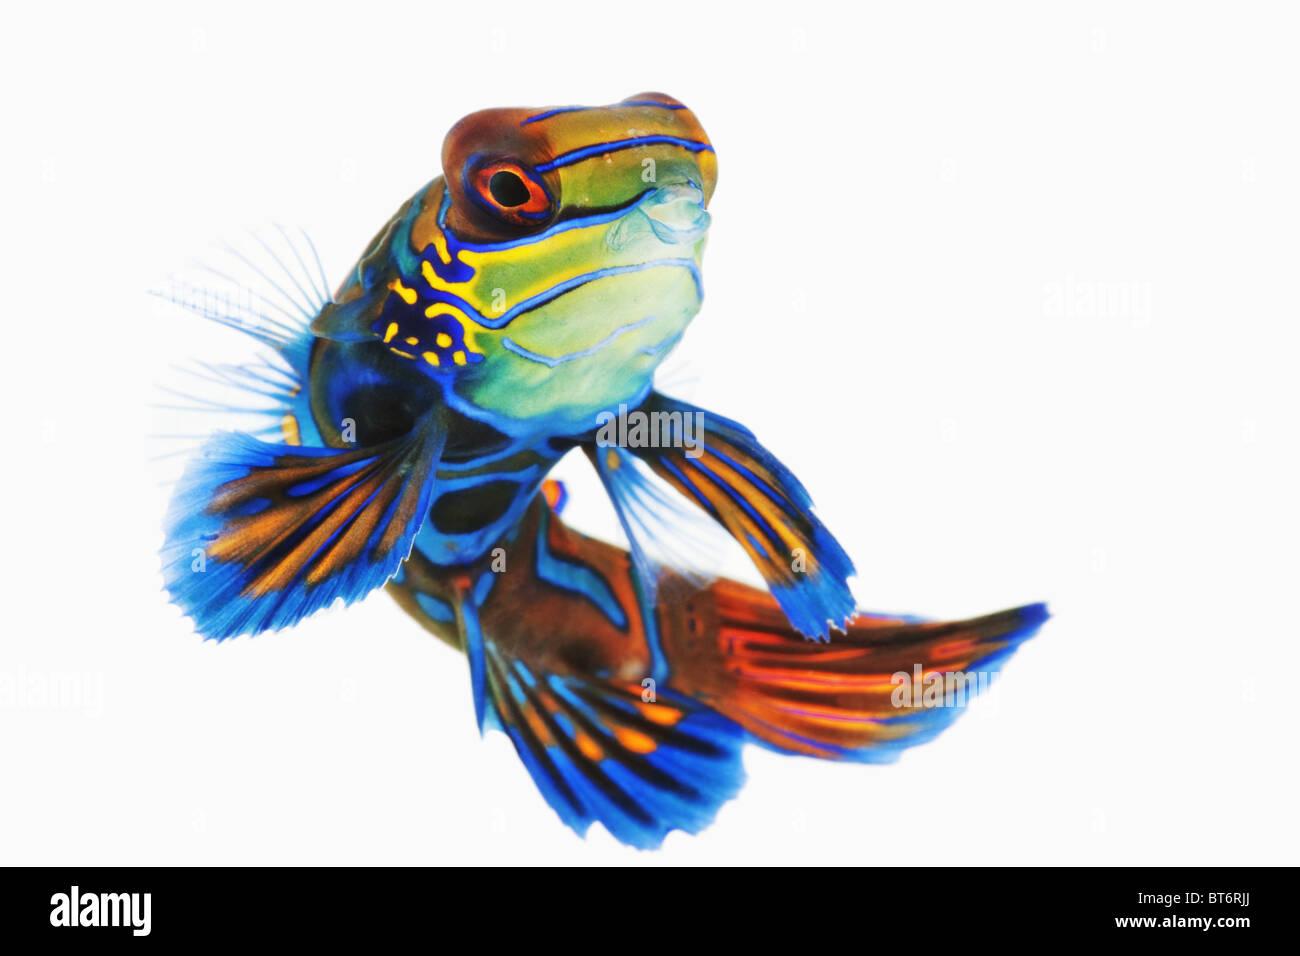 También conocido como azul manderin. Studio ha disparado contra un fondo blanco. Imagen De Stock